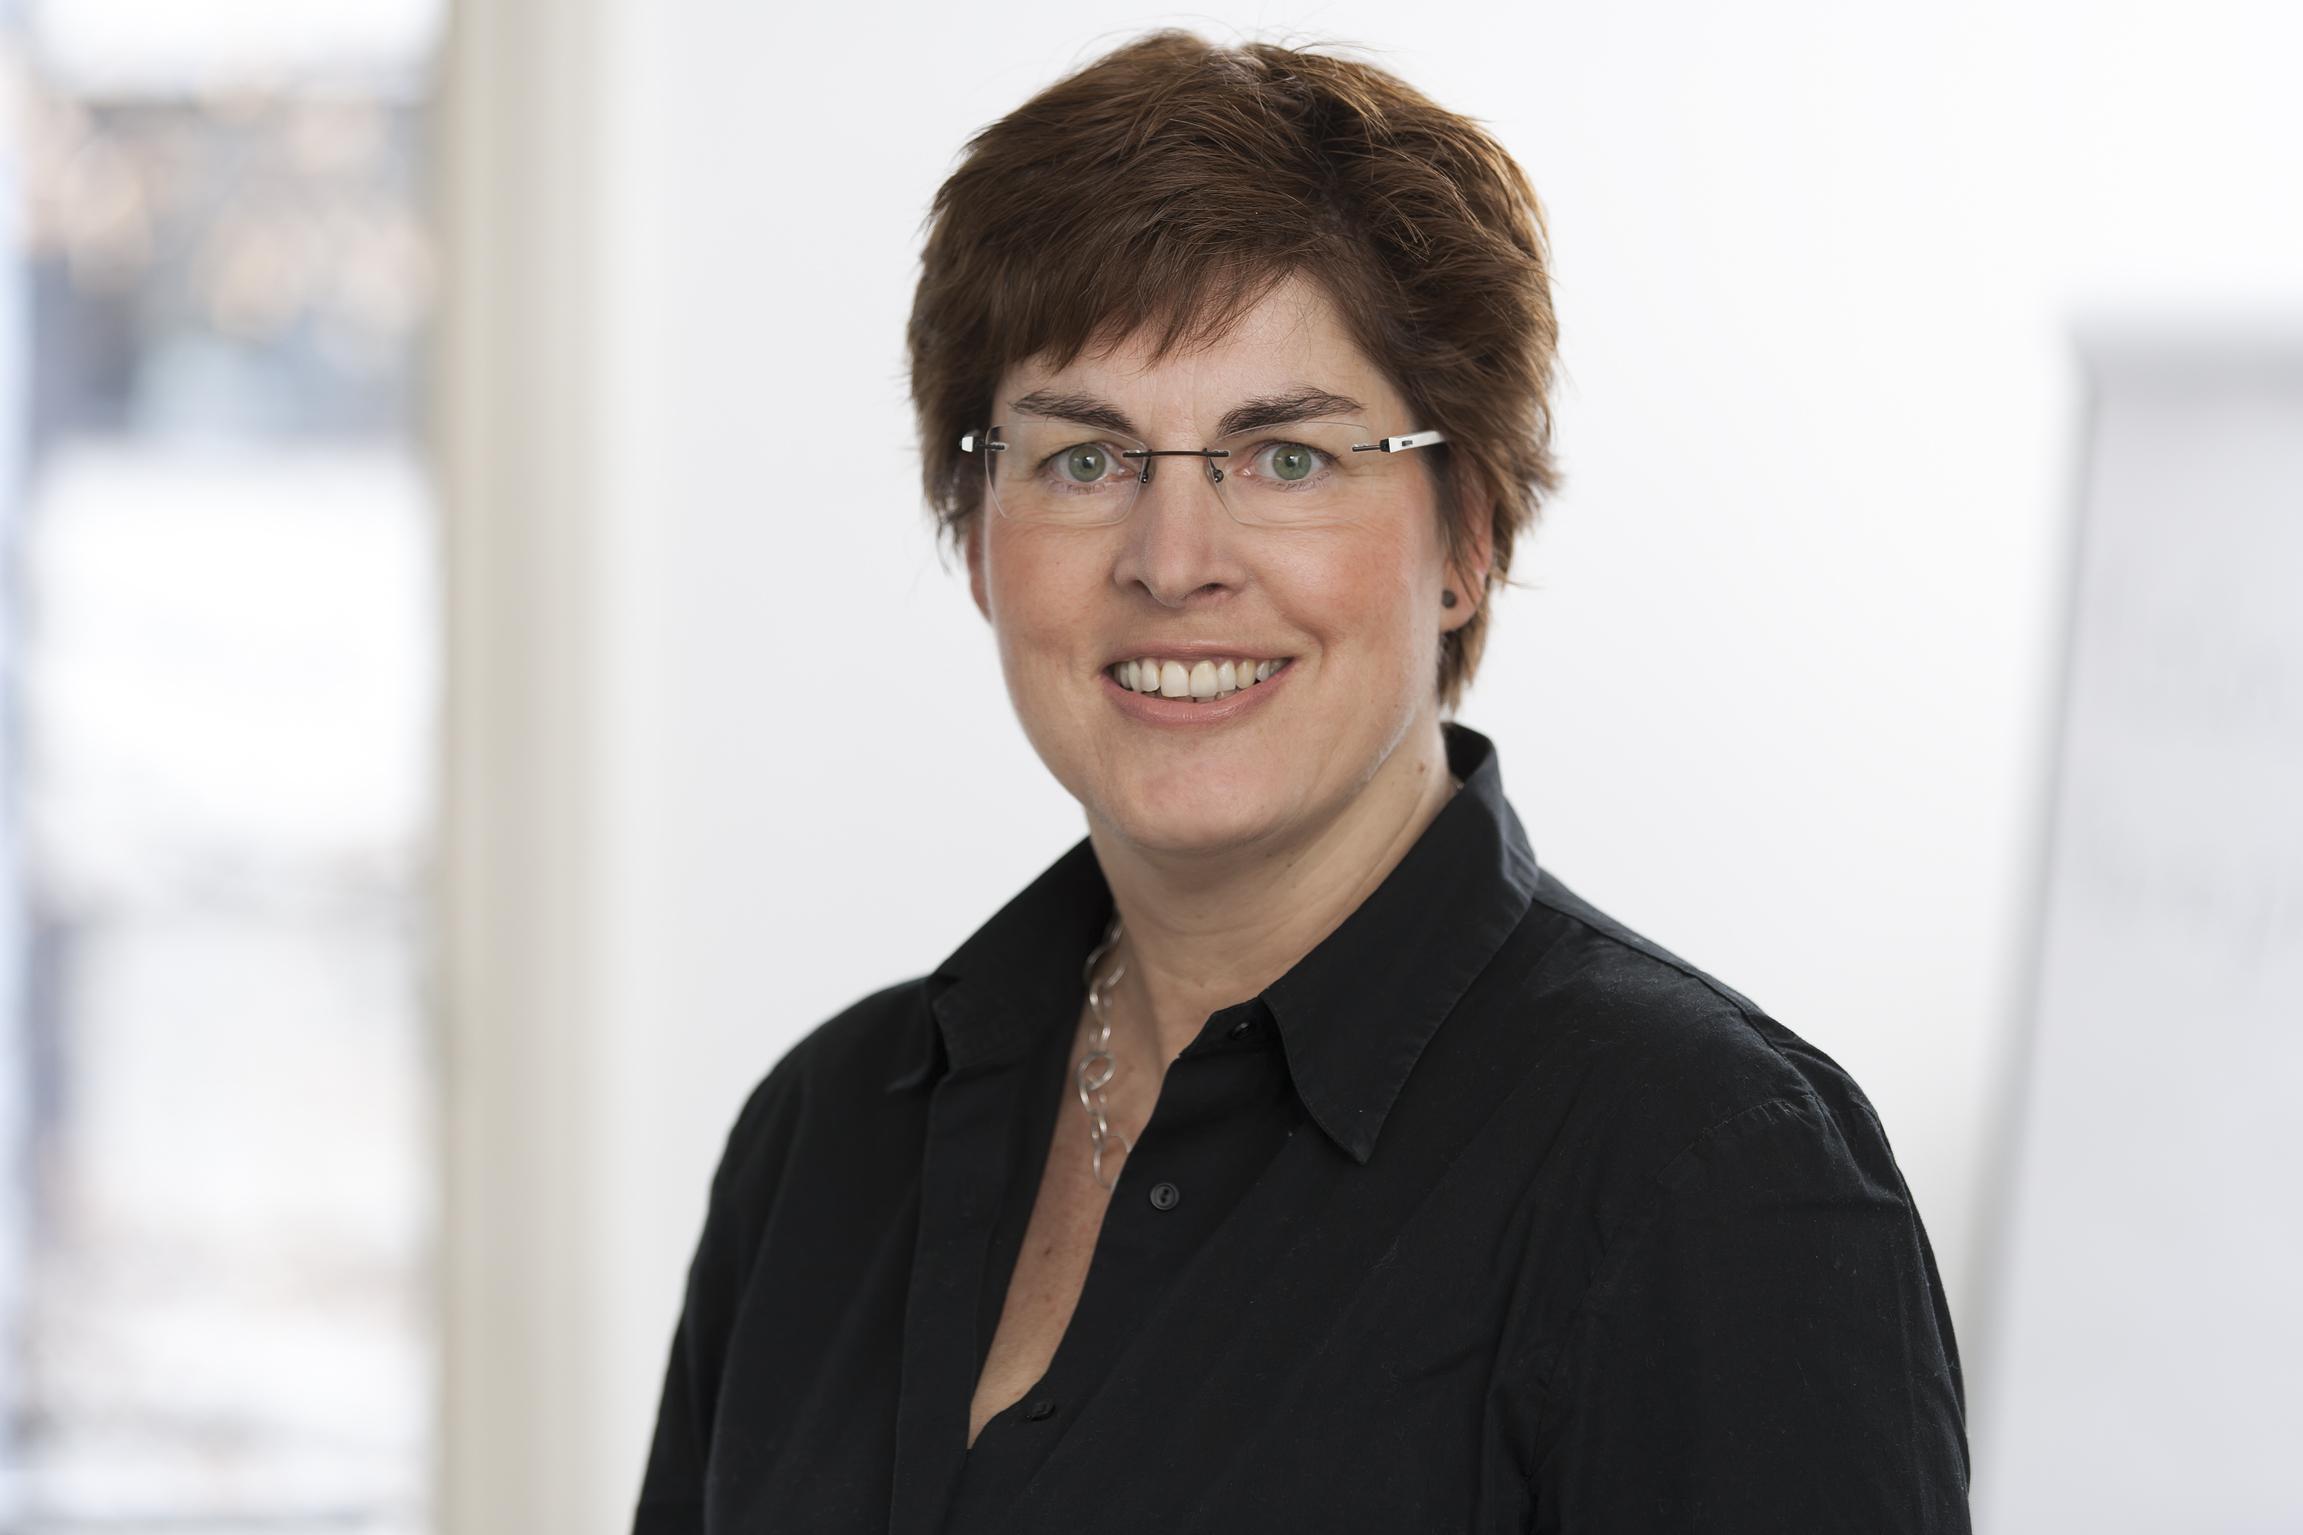 Annette Wienen-Beigel